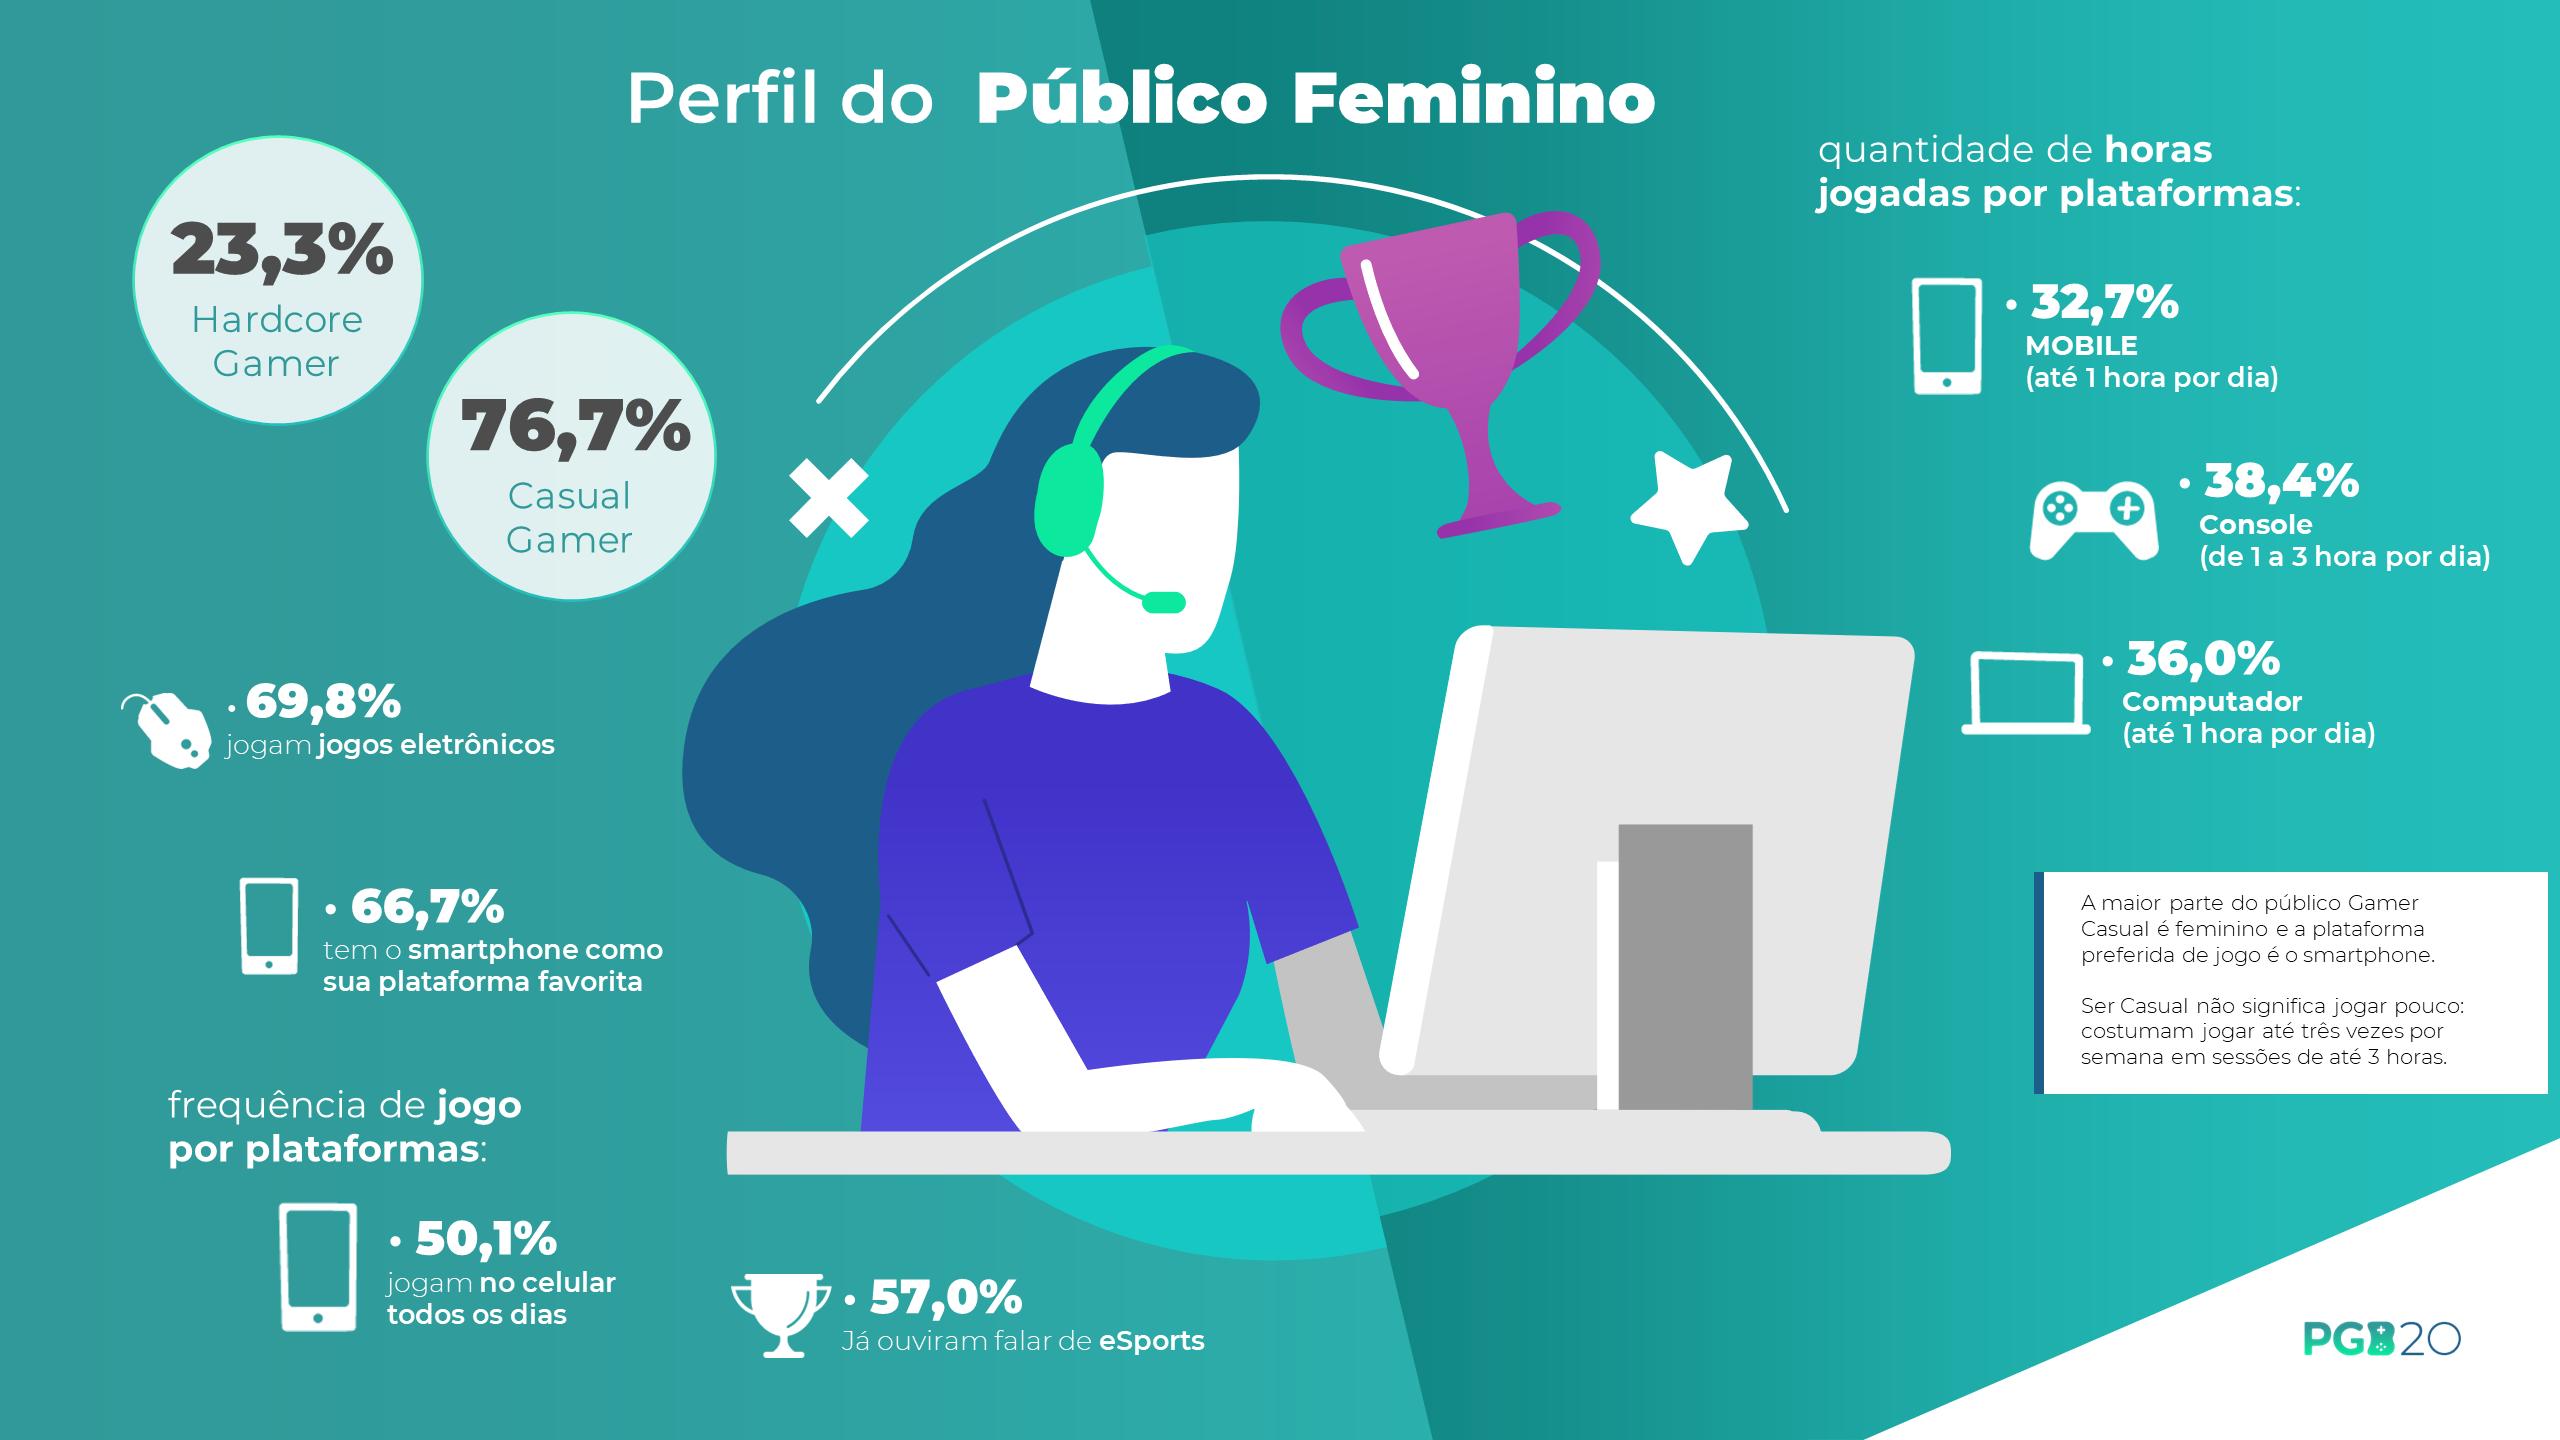 69,8% das mulheres no Brasil jogam jogos eletrônicos, revela PGB